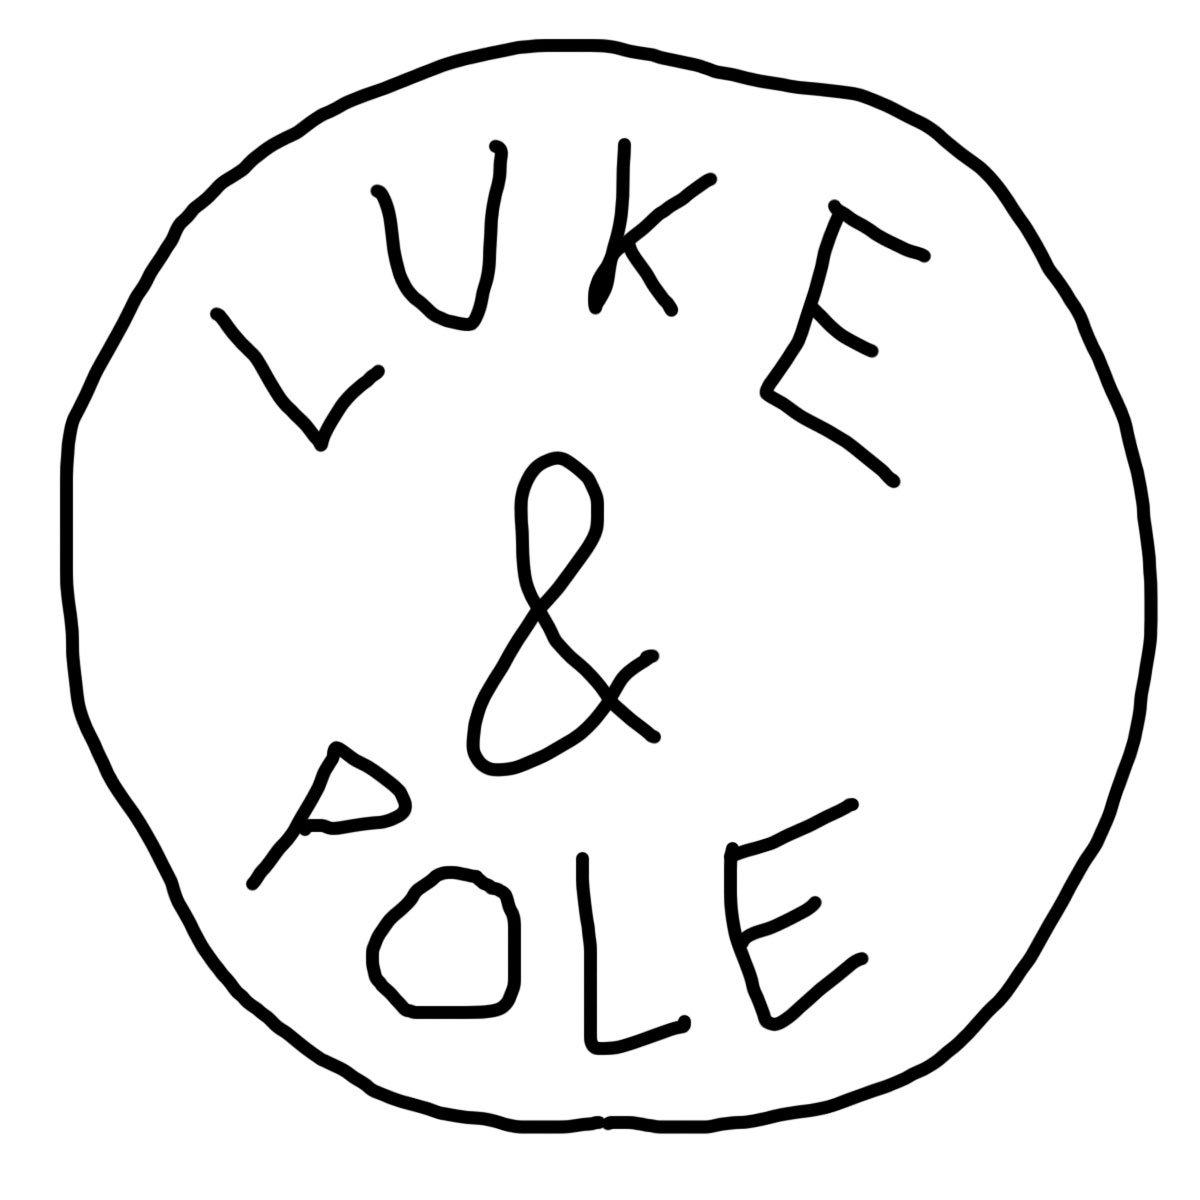 LukeandPole